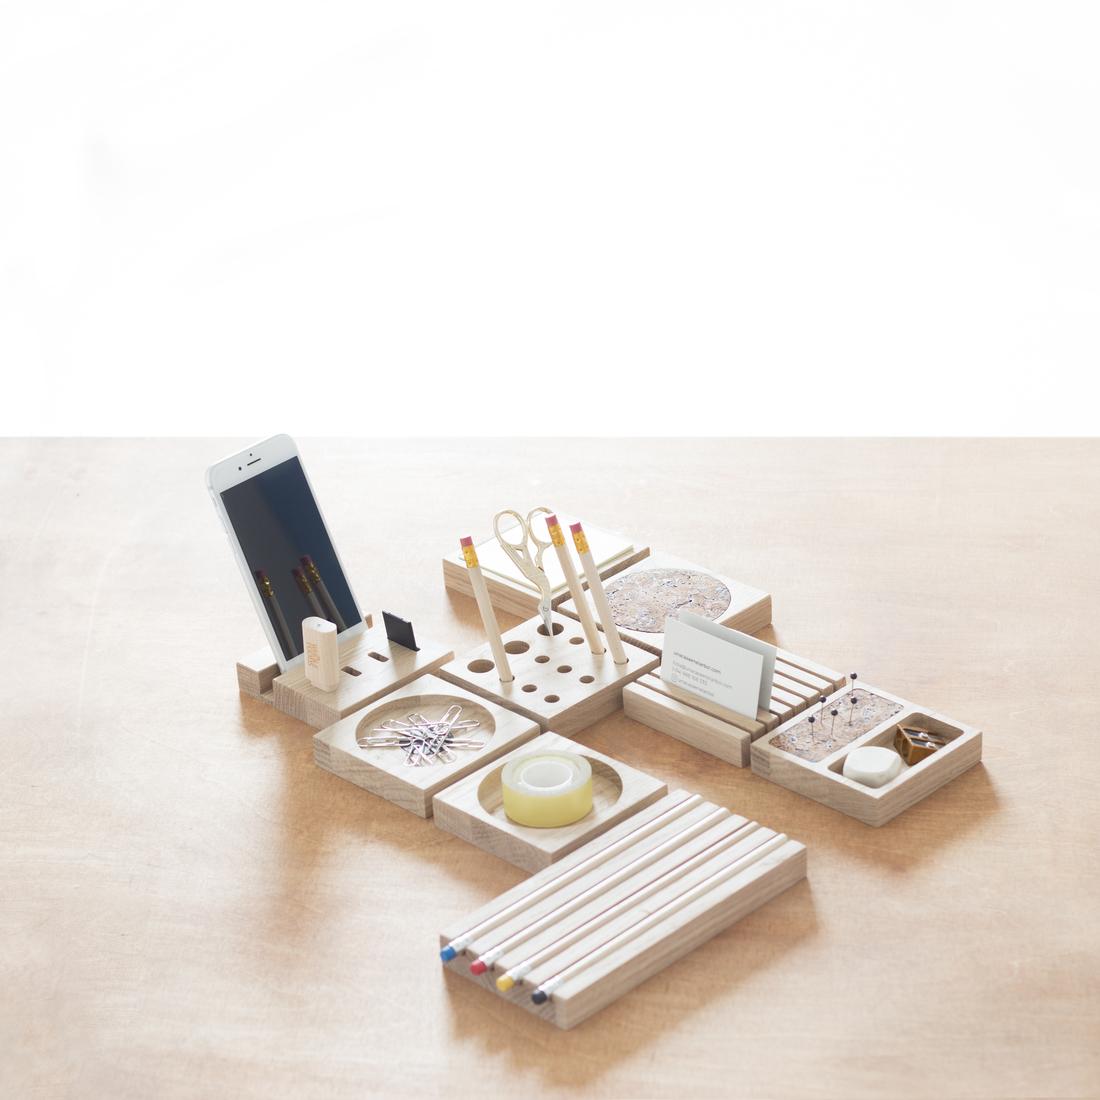 Pack modular accesorios de escritorio